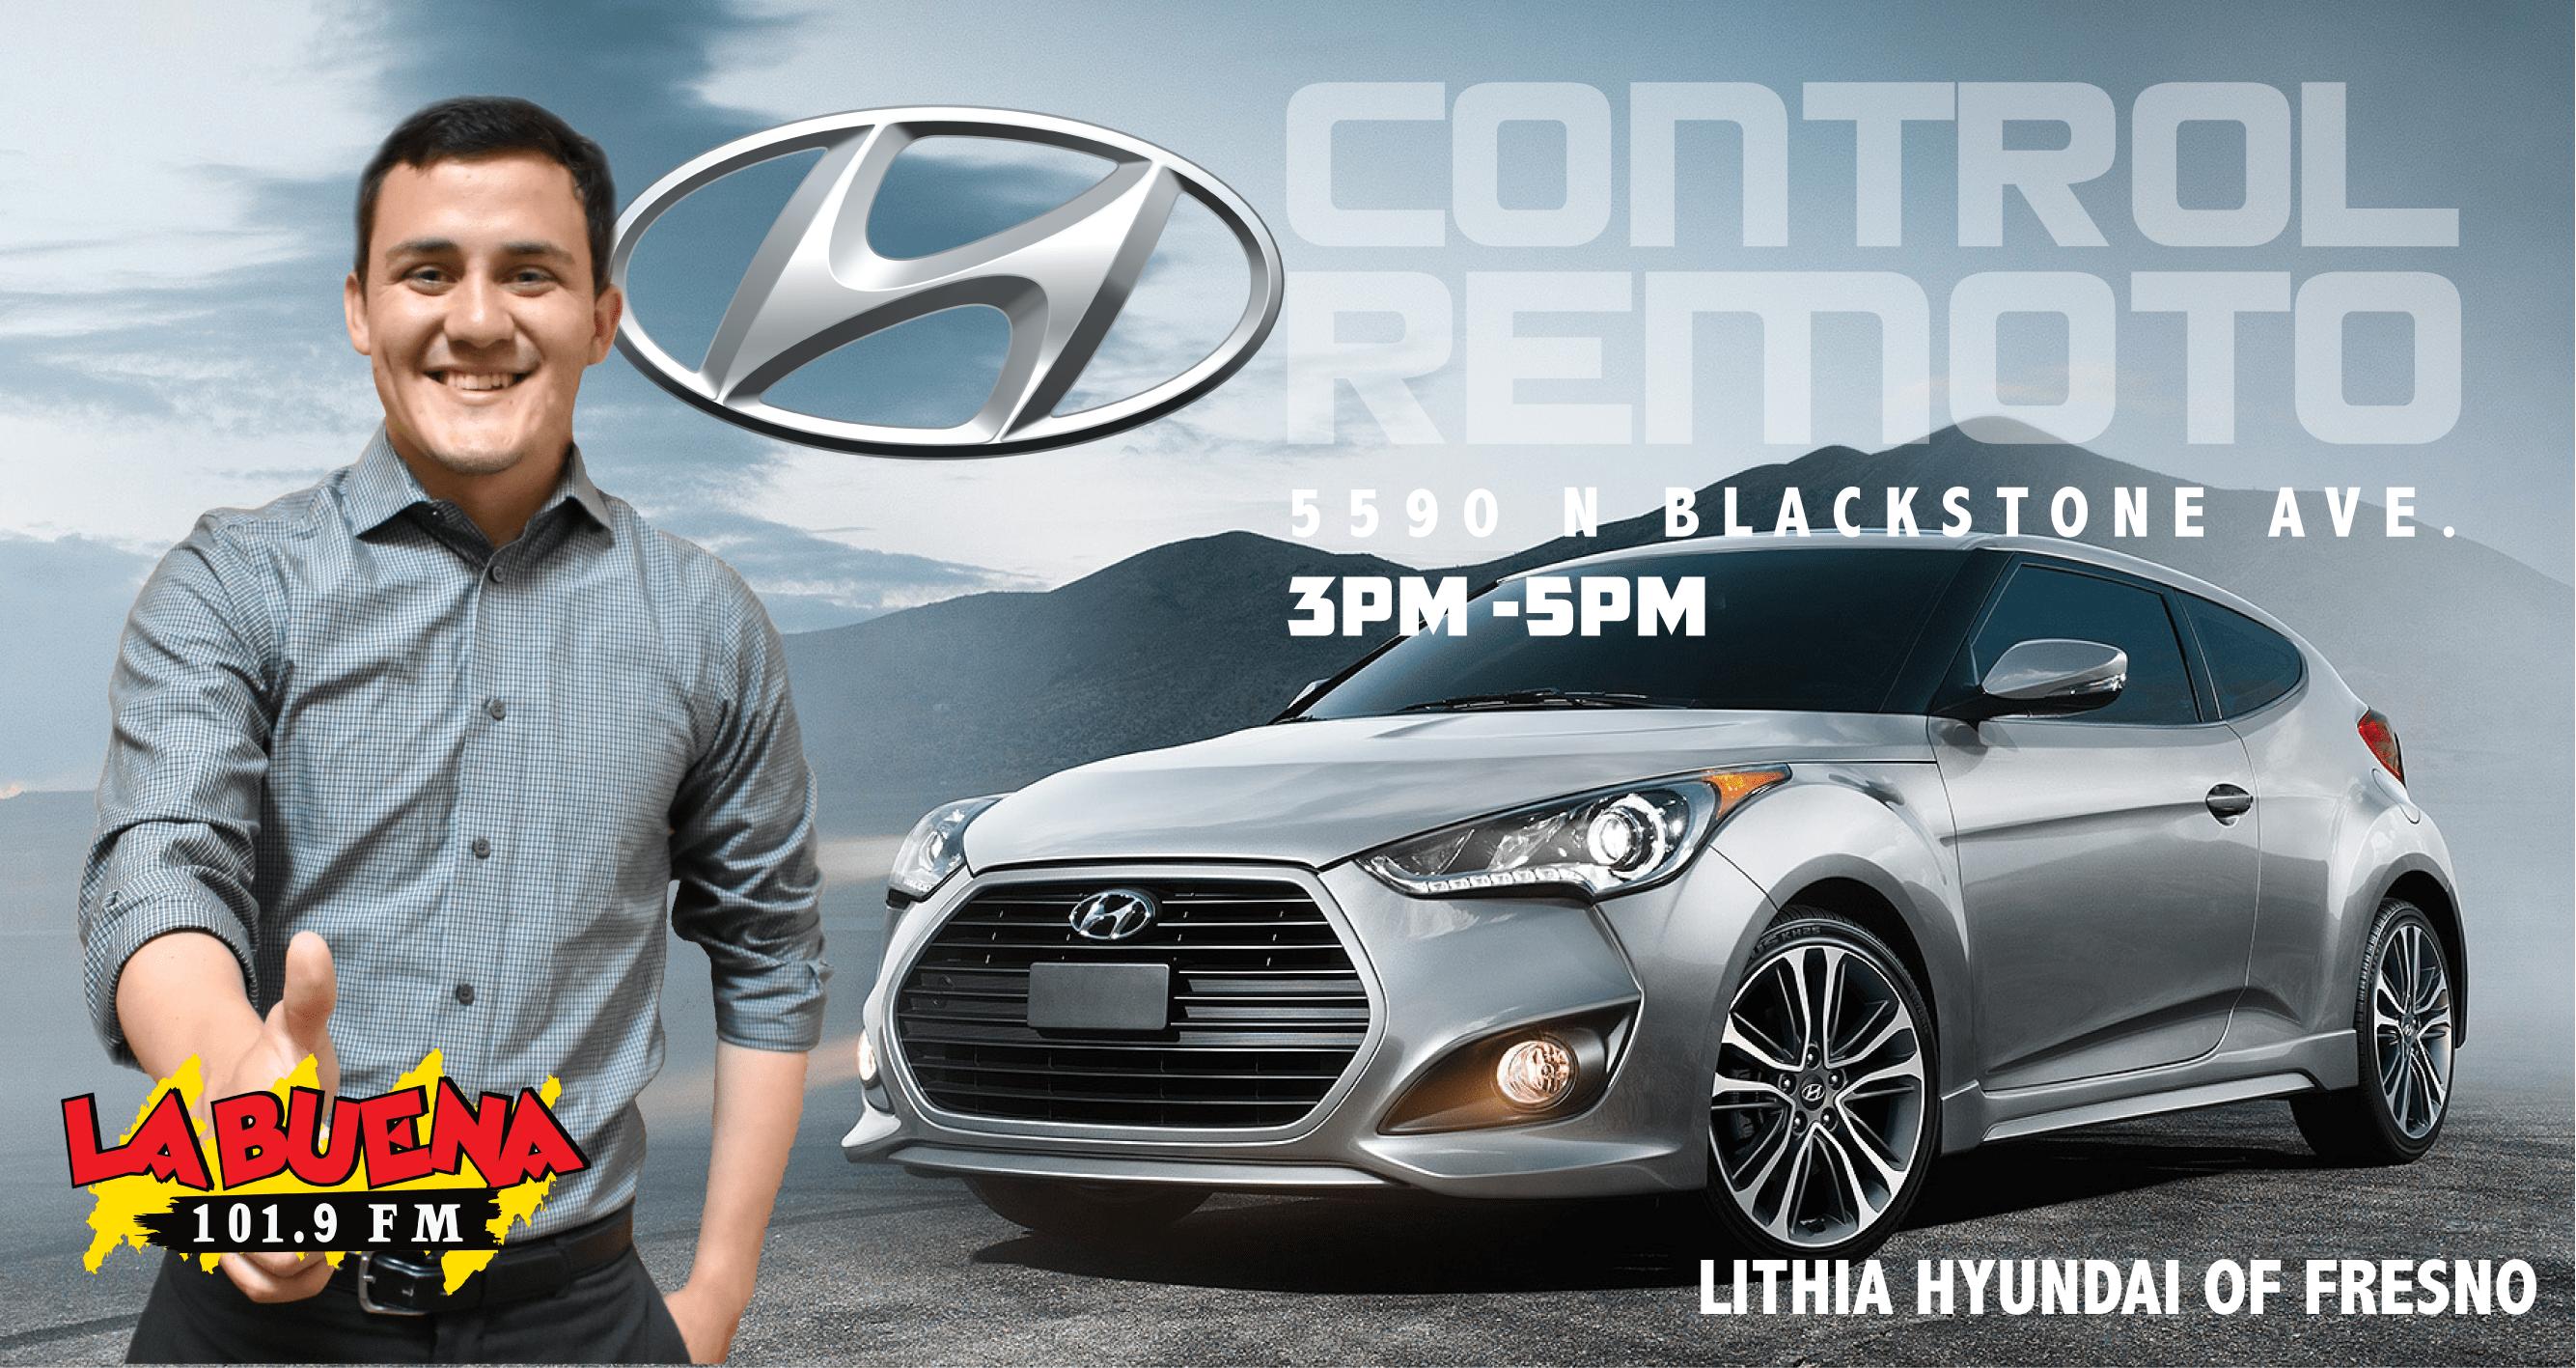 Lithia Hyundai Fresno >> Lithia Hyundai 7 6 La Buena 101 9